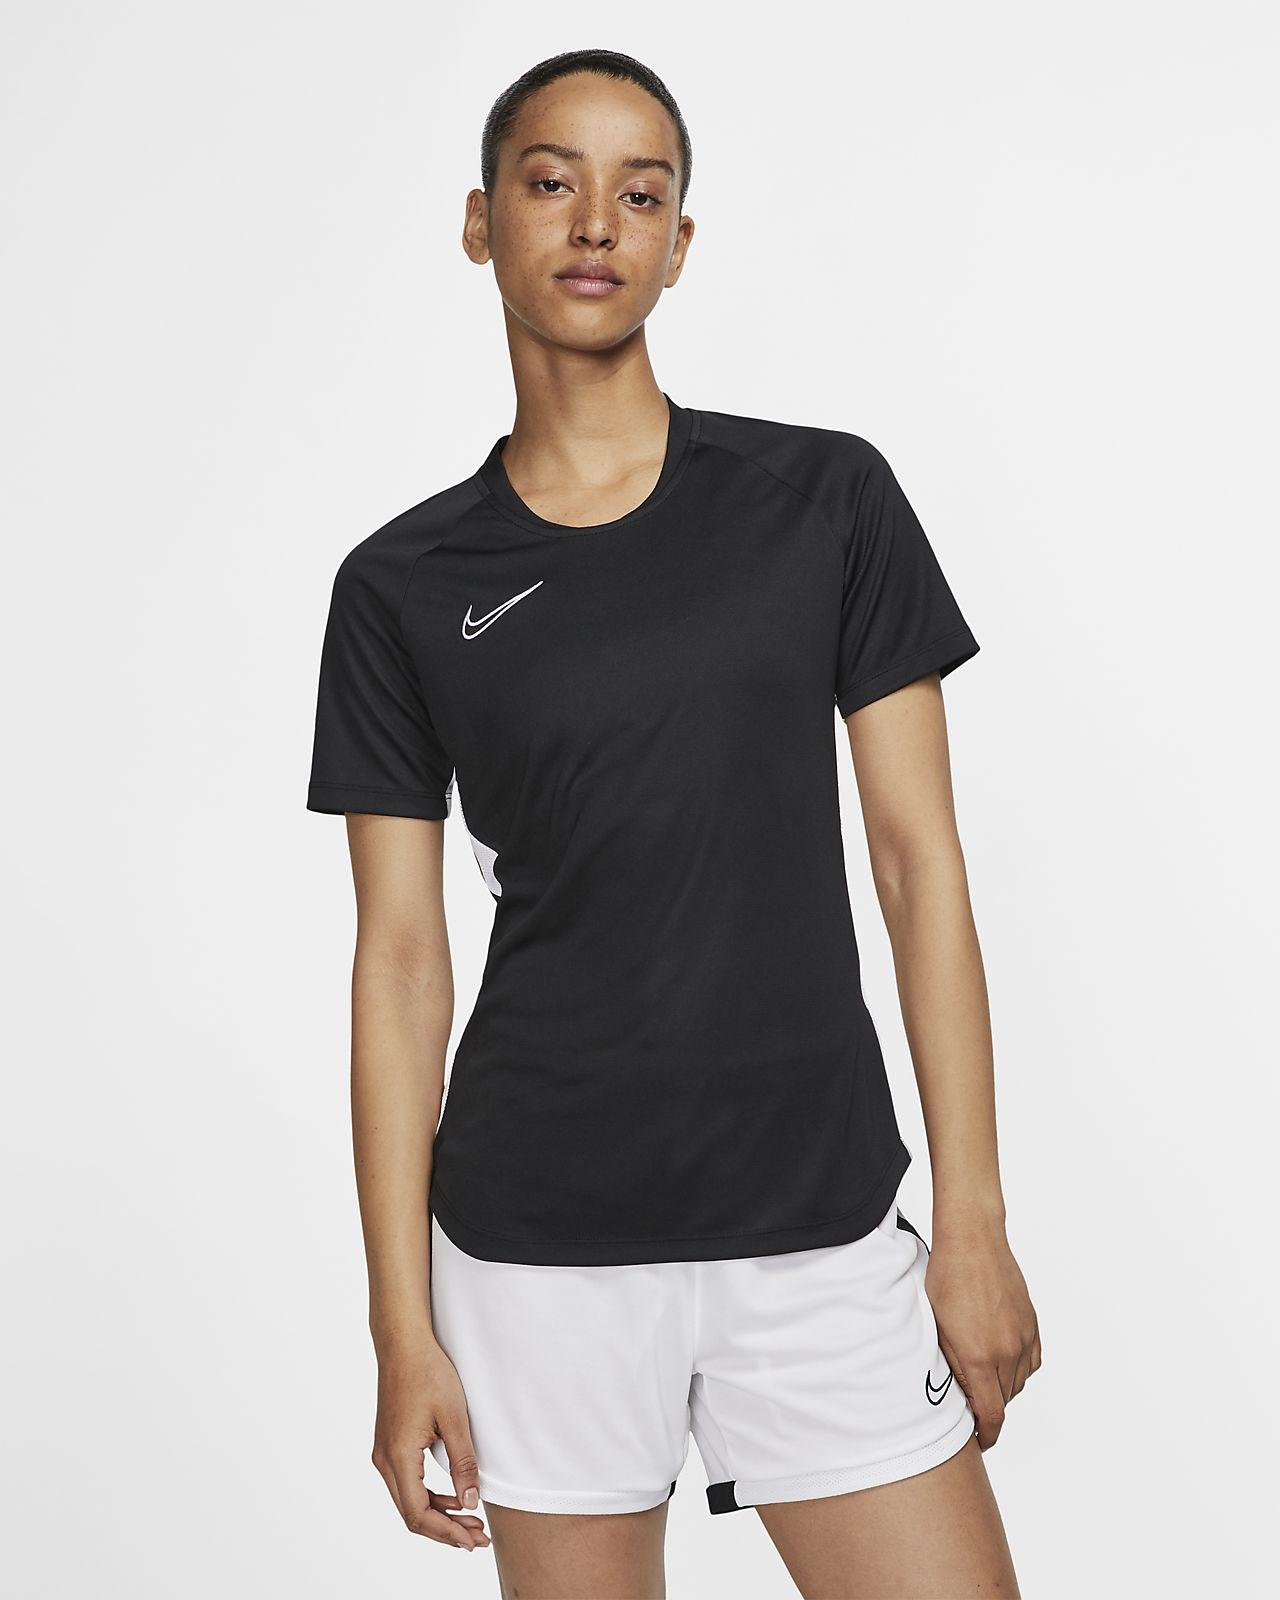 Γυναικεία κοντομάνικη ποδοσφαιρική μπλούζα Nike Dri-FIT Academy